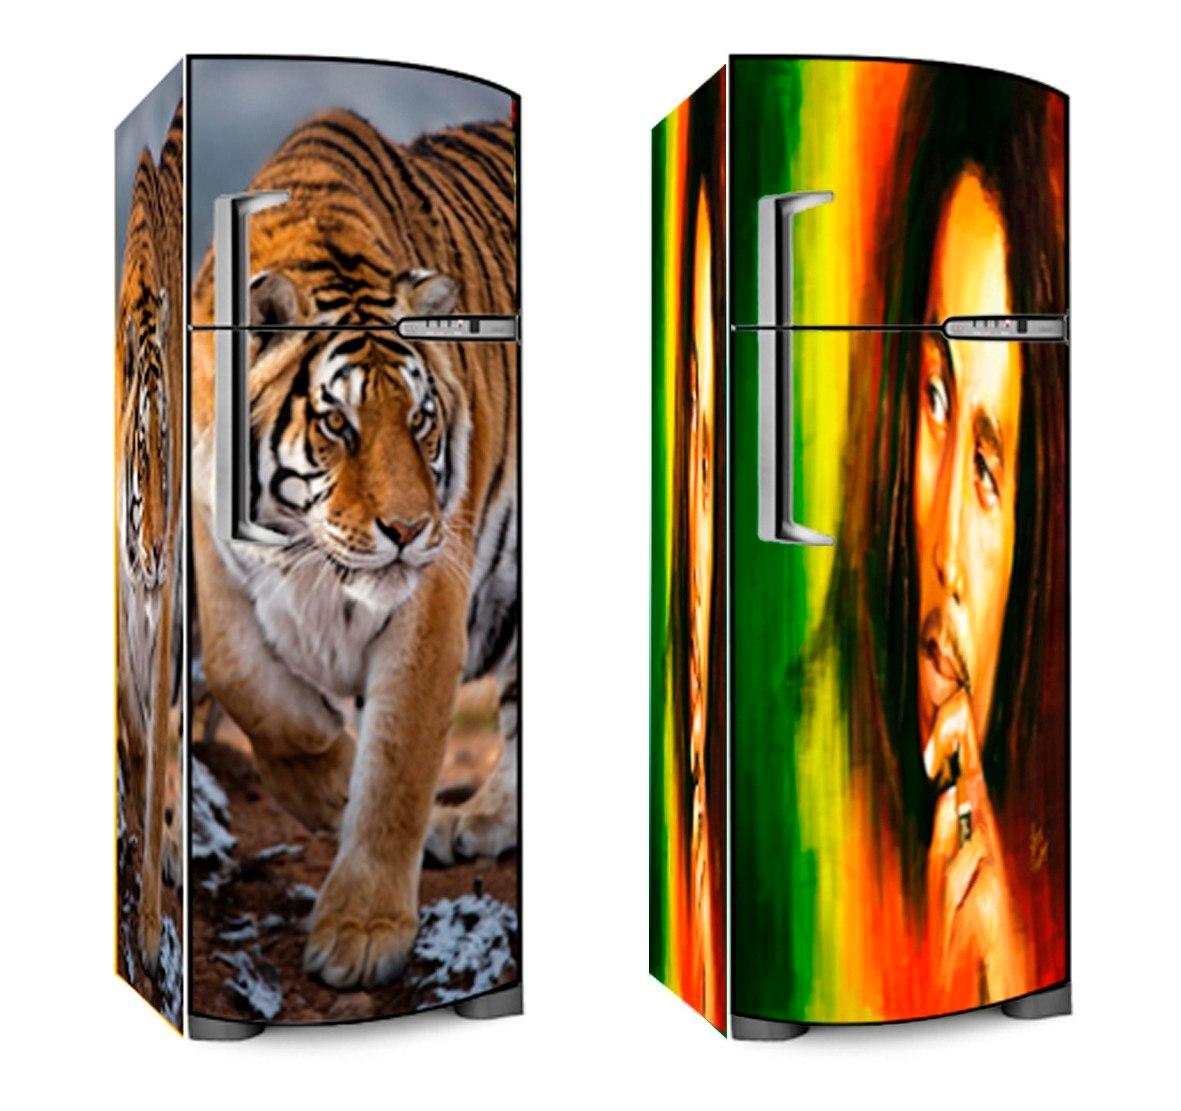 Adesivo De Parede Sjc ~ Adesivo Skin P Envelopamento Geladeira + De 500 Modelos R$ 219,99 em Mercado Livre